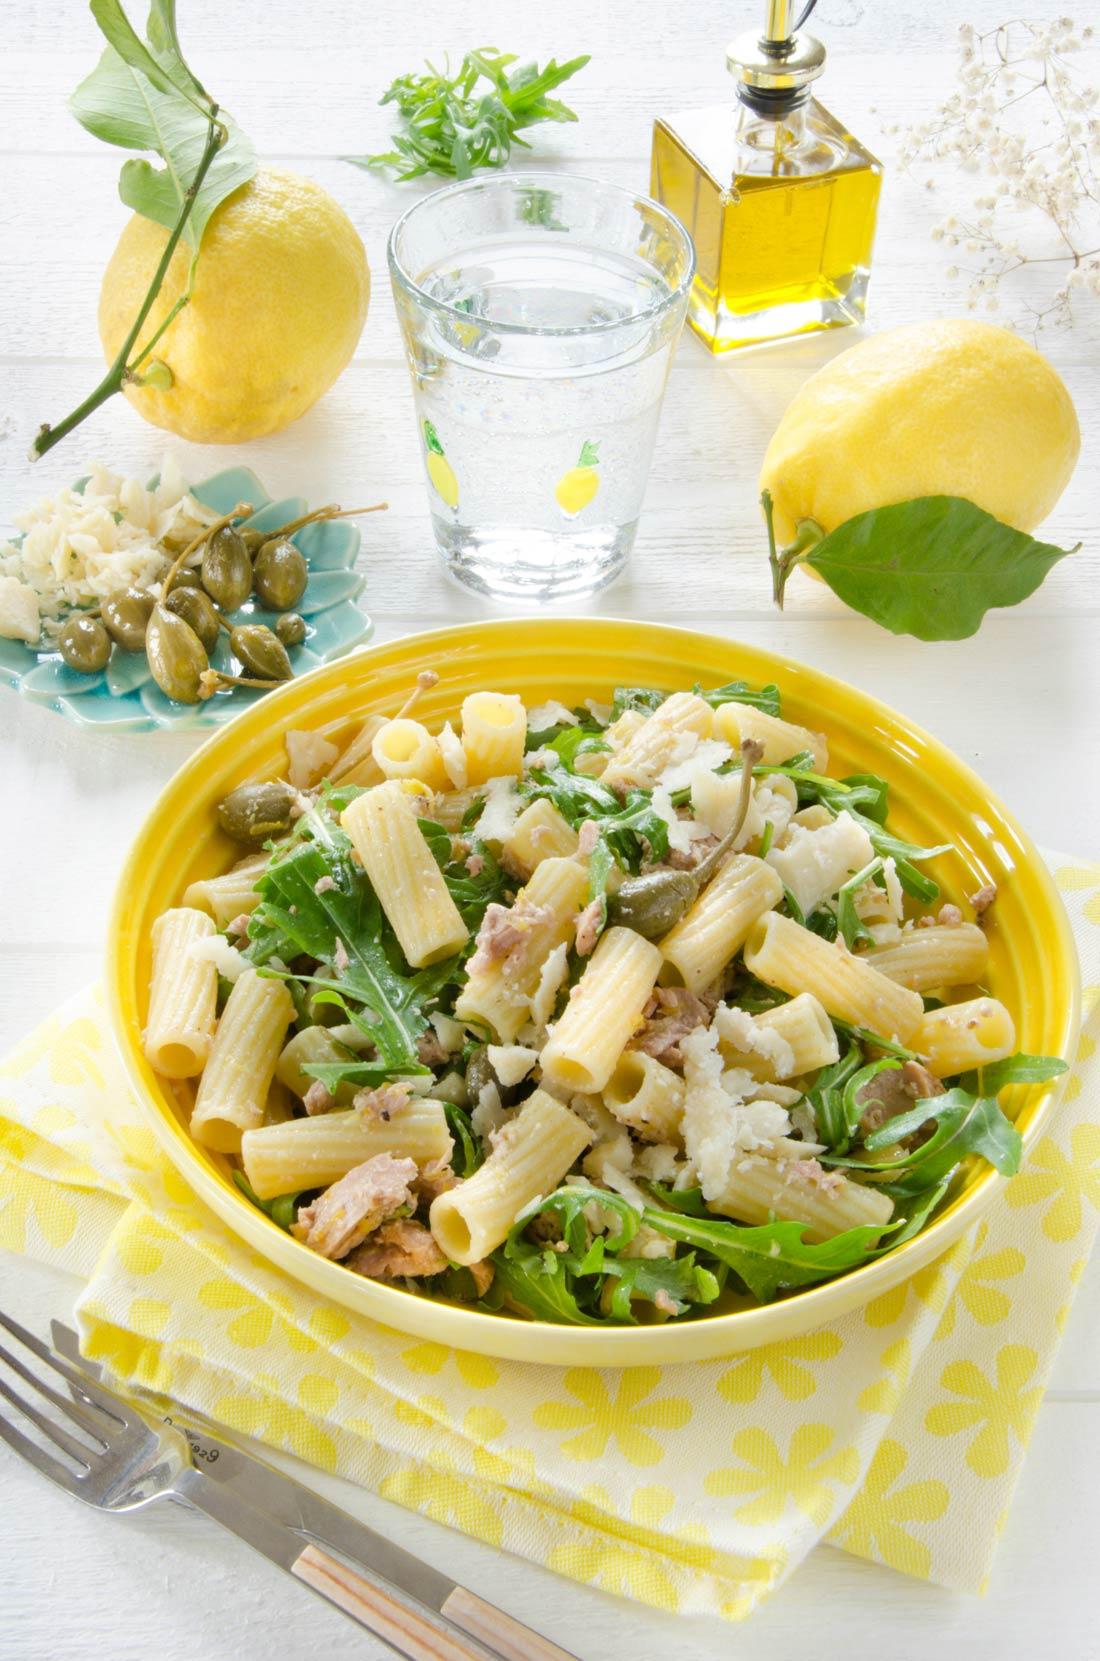 Pâtes au thon et au citron, recette maison